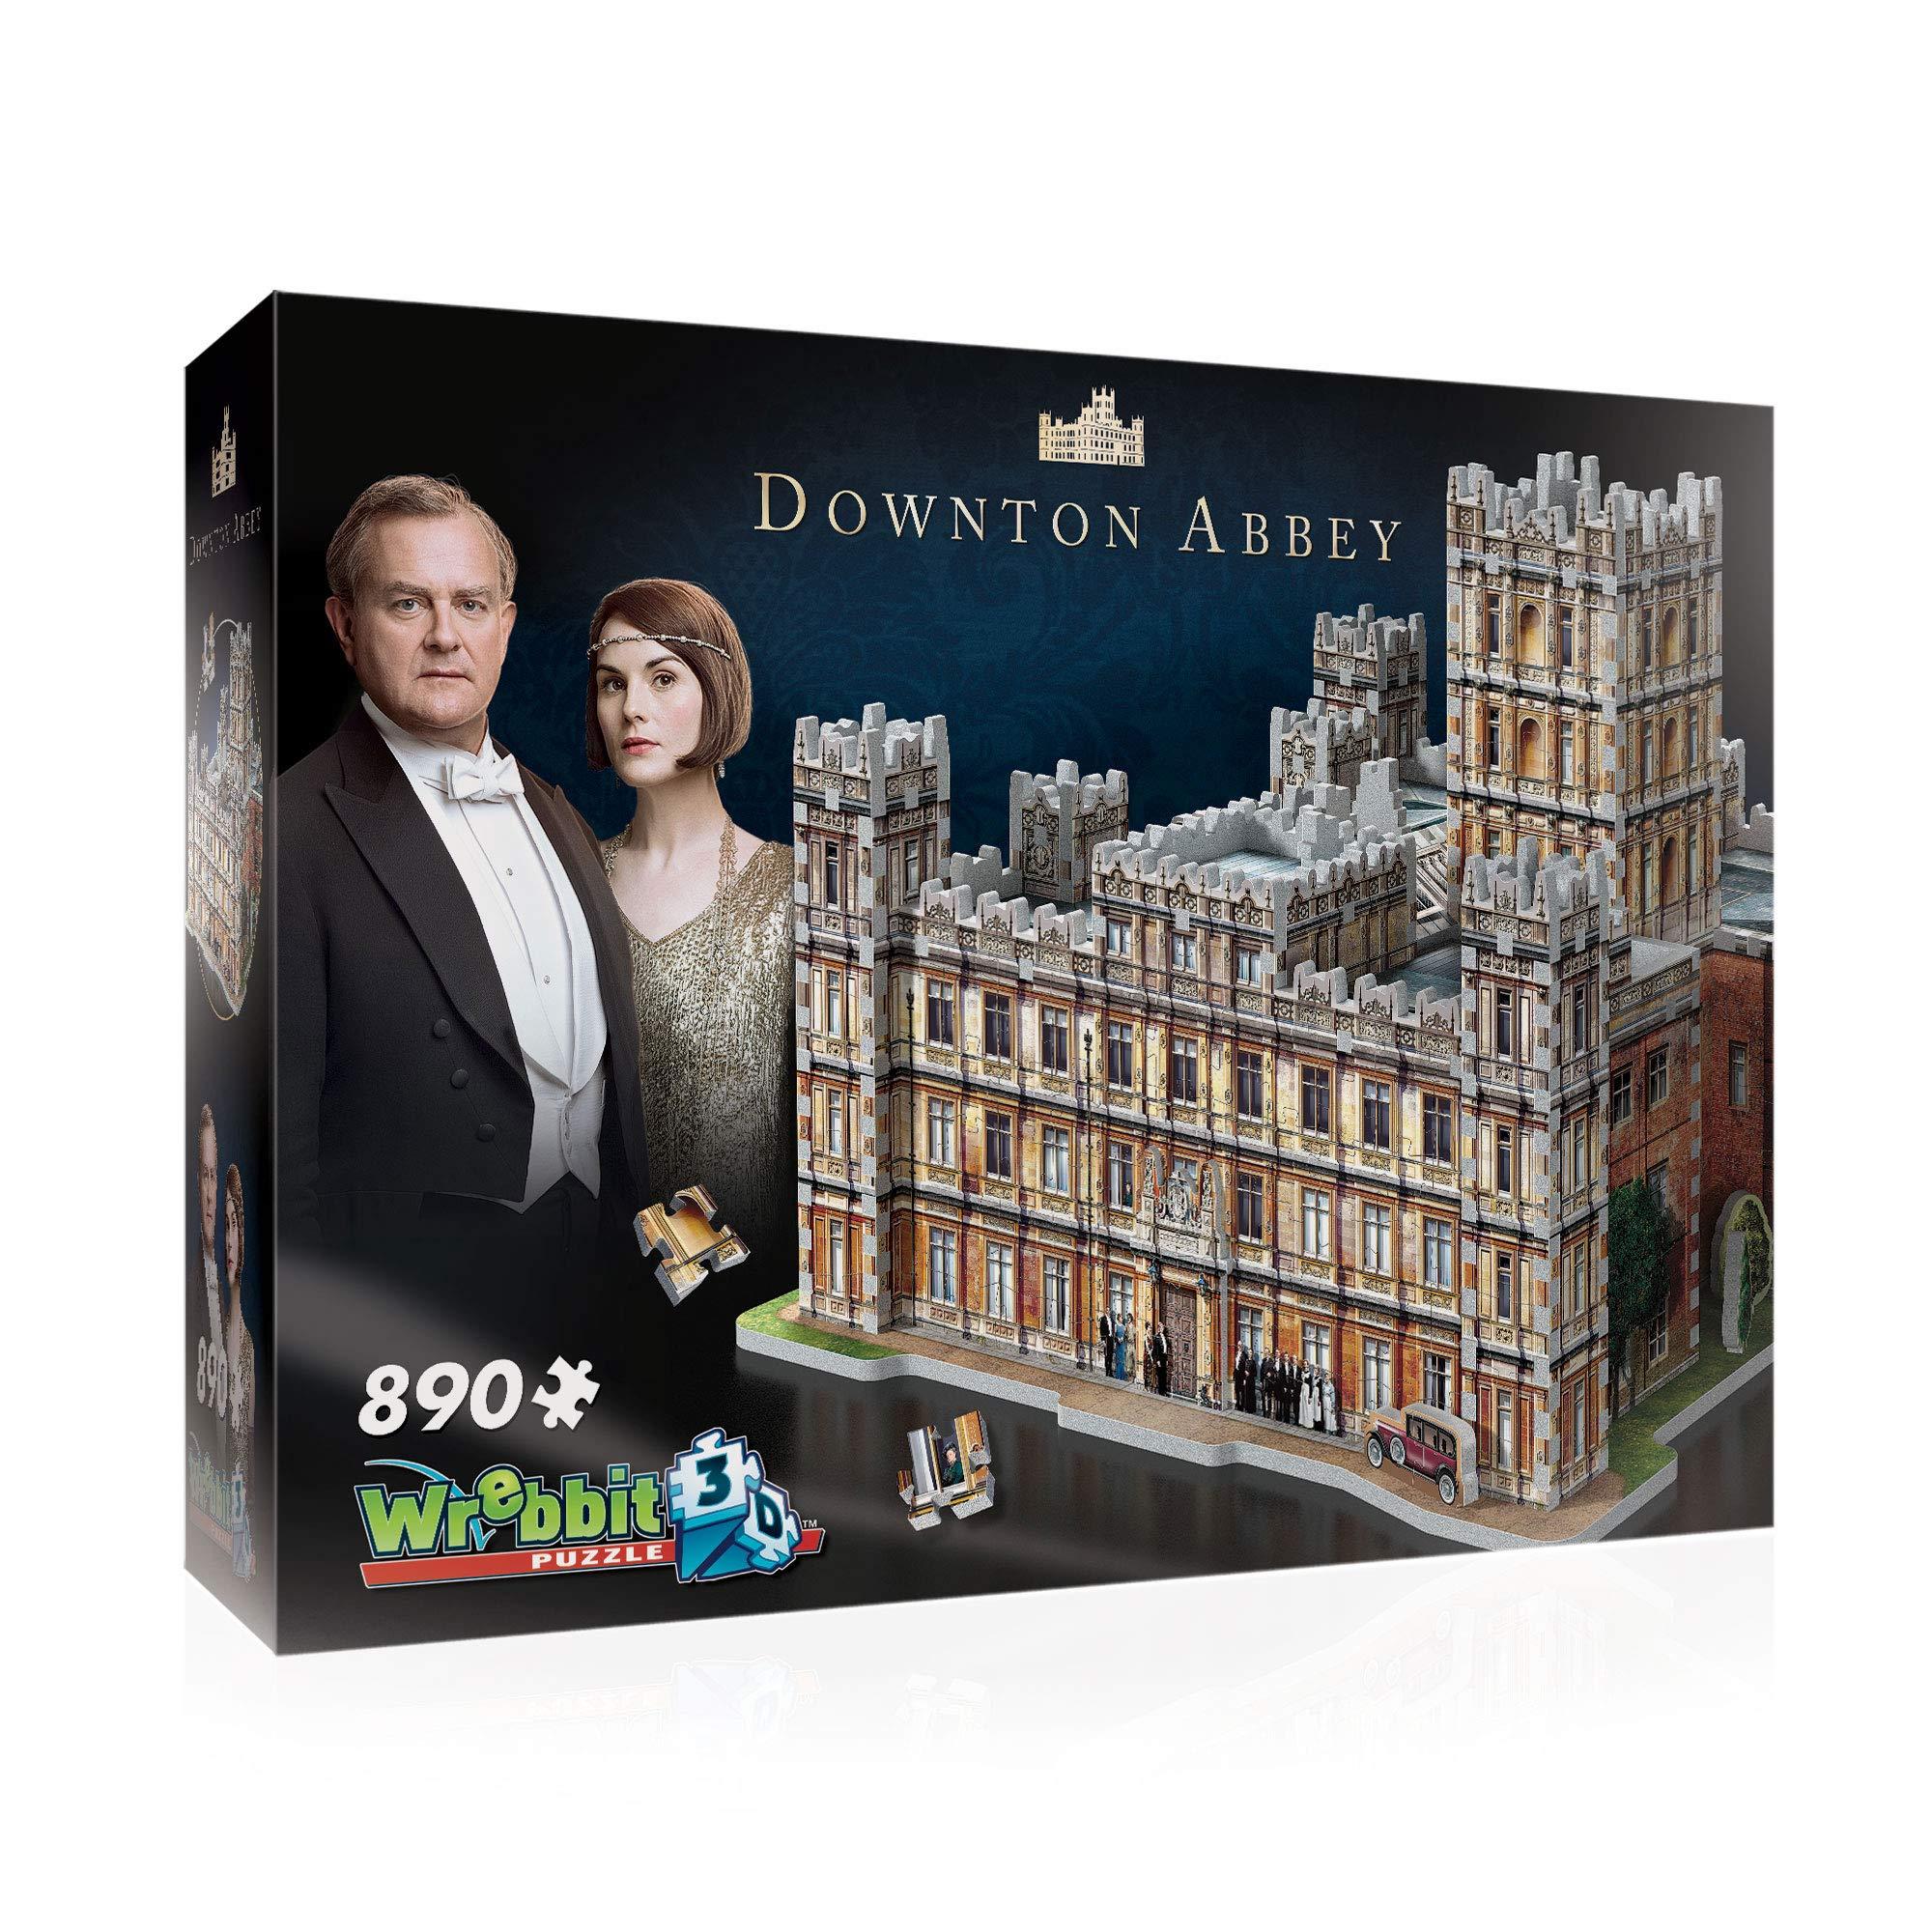 WREBBIT 3D - Downton Abbey 3D Jigsaw Puzzle - 890Piece, Brown/A by WREBBIT 3D